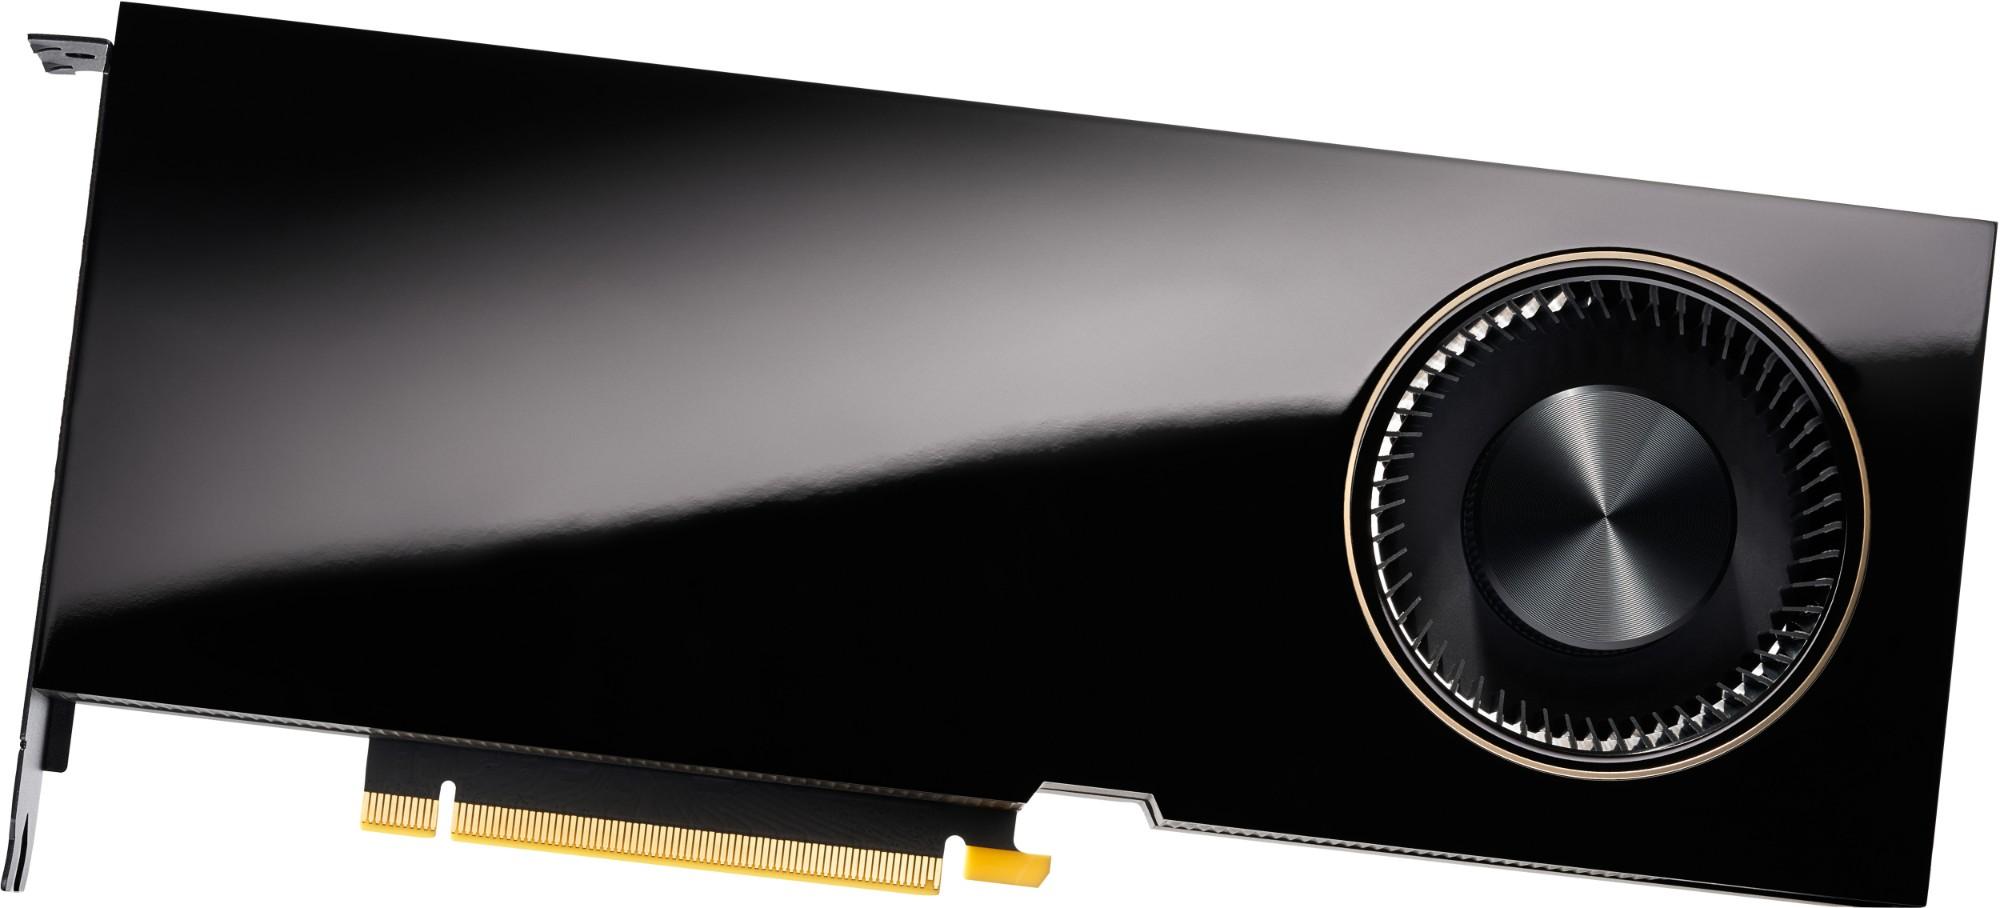 HP GFX NVIDIA Qdr RTX A6000 24GB 4DP